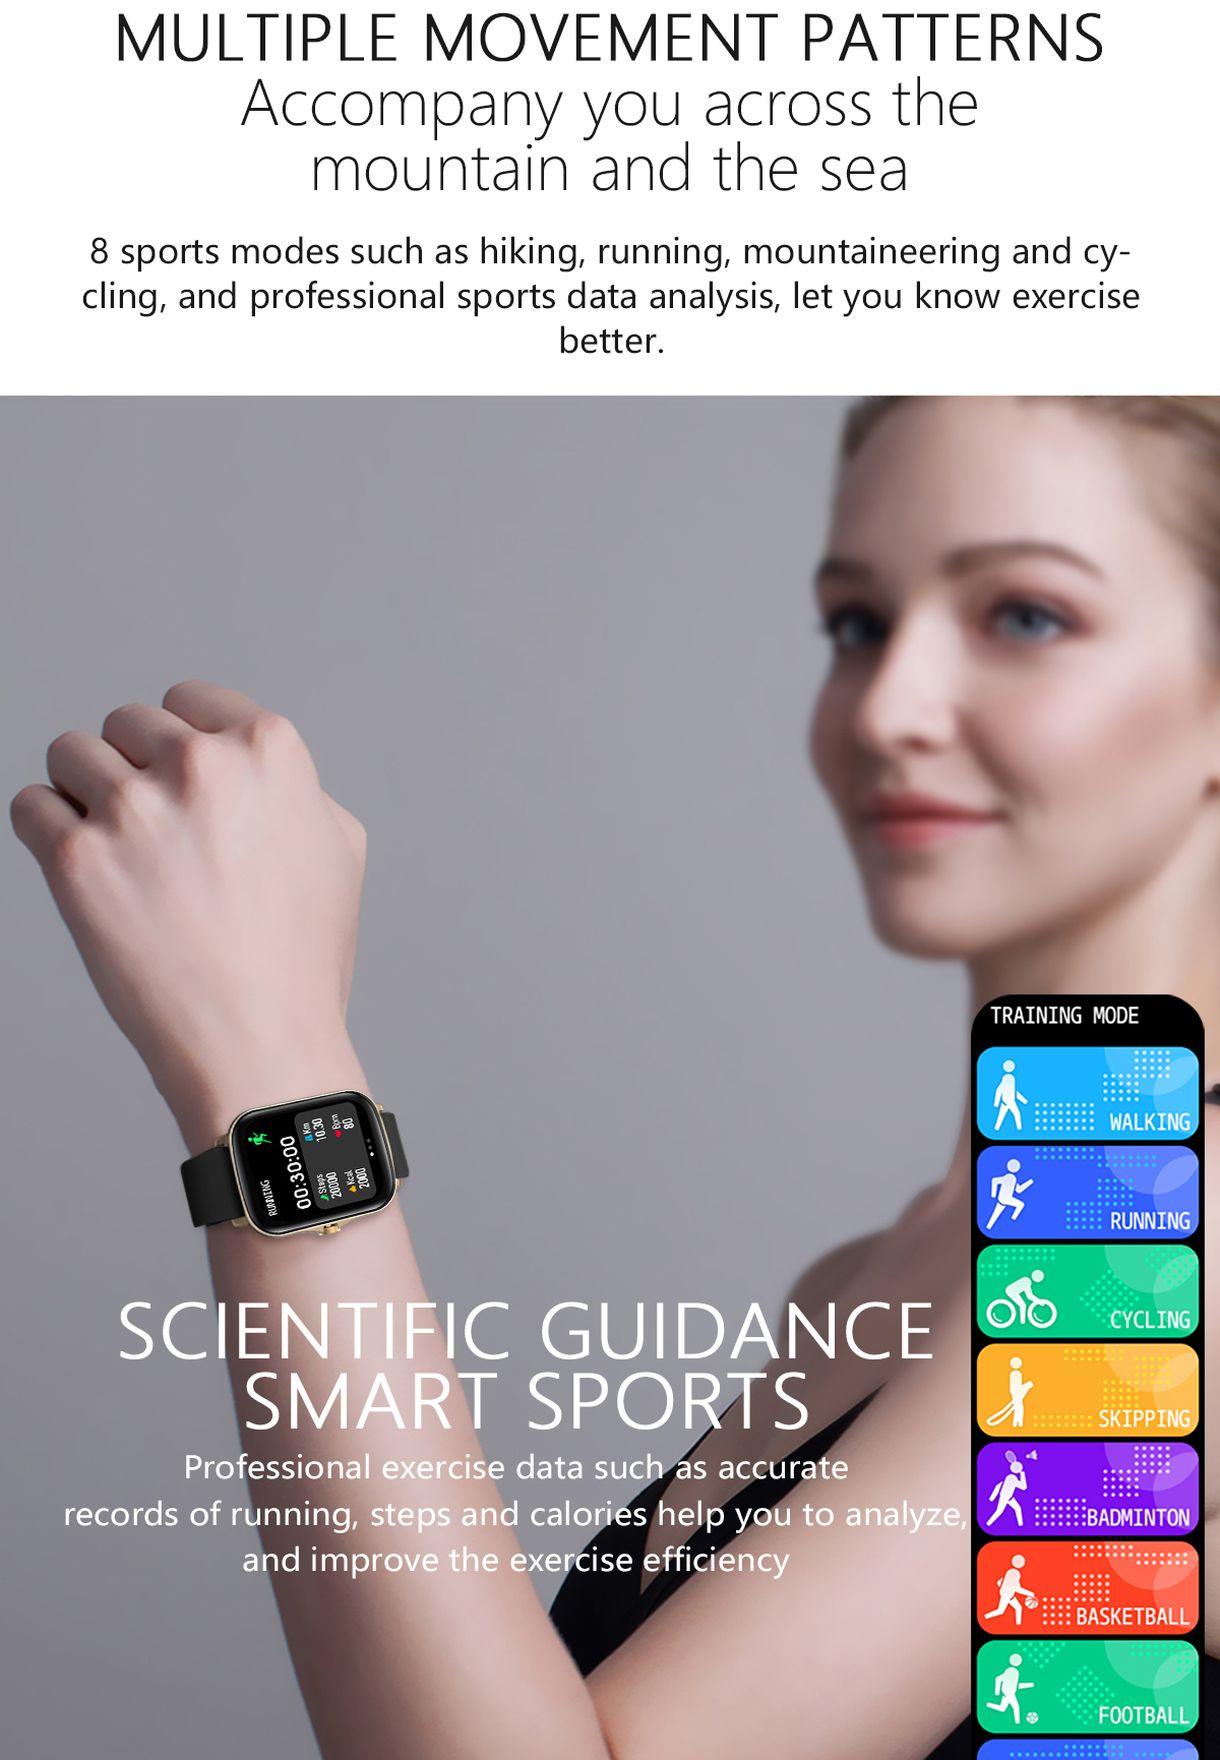 ساعة ذكية مع معدل ضربات القلب الديناميكي وميزات متعددة